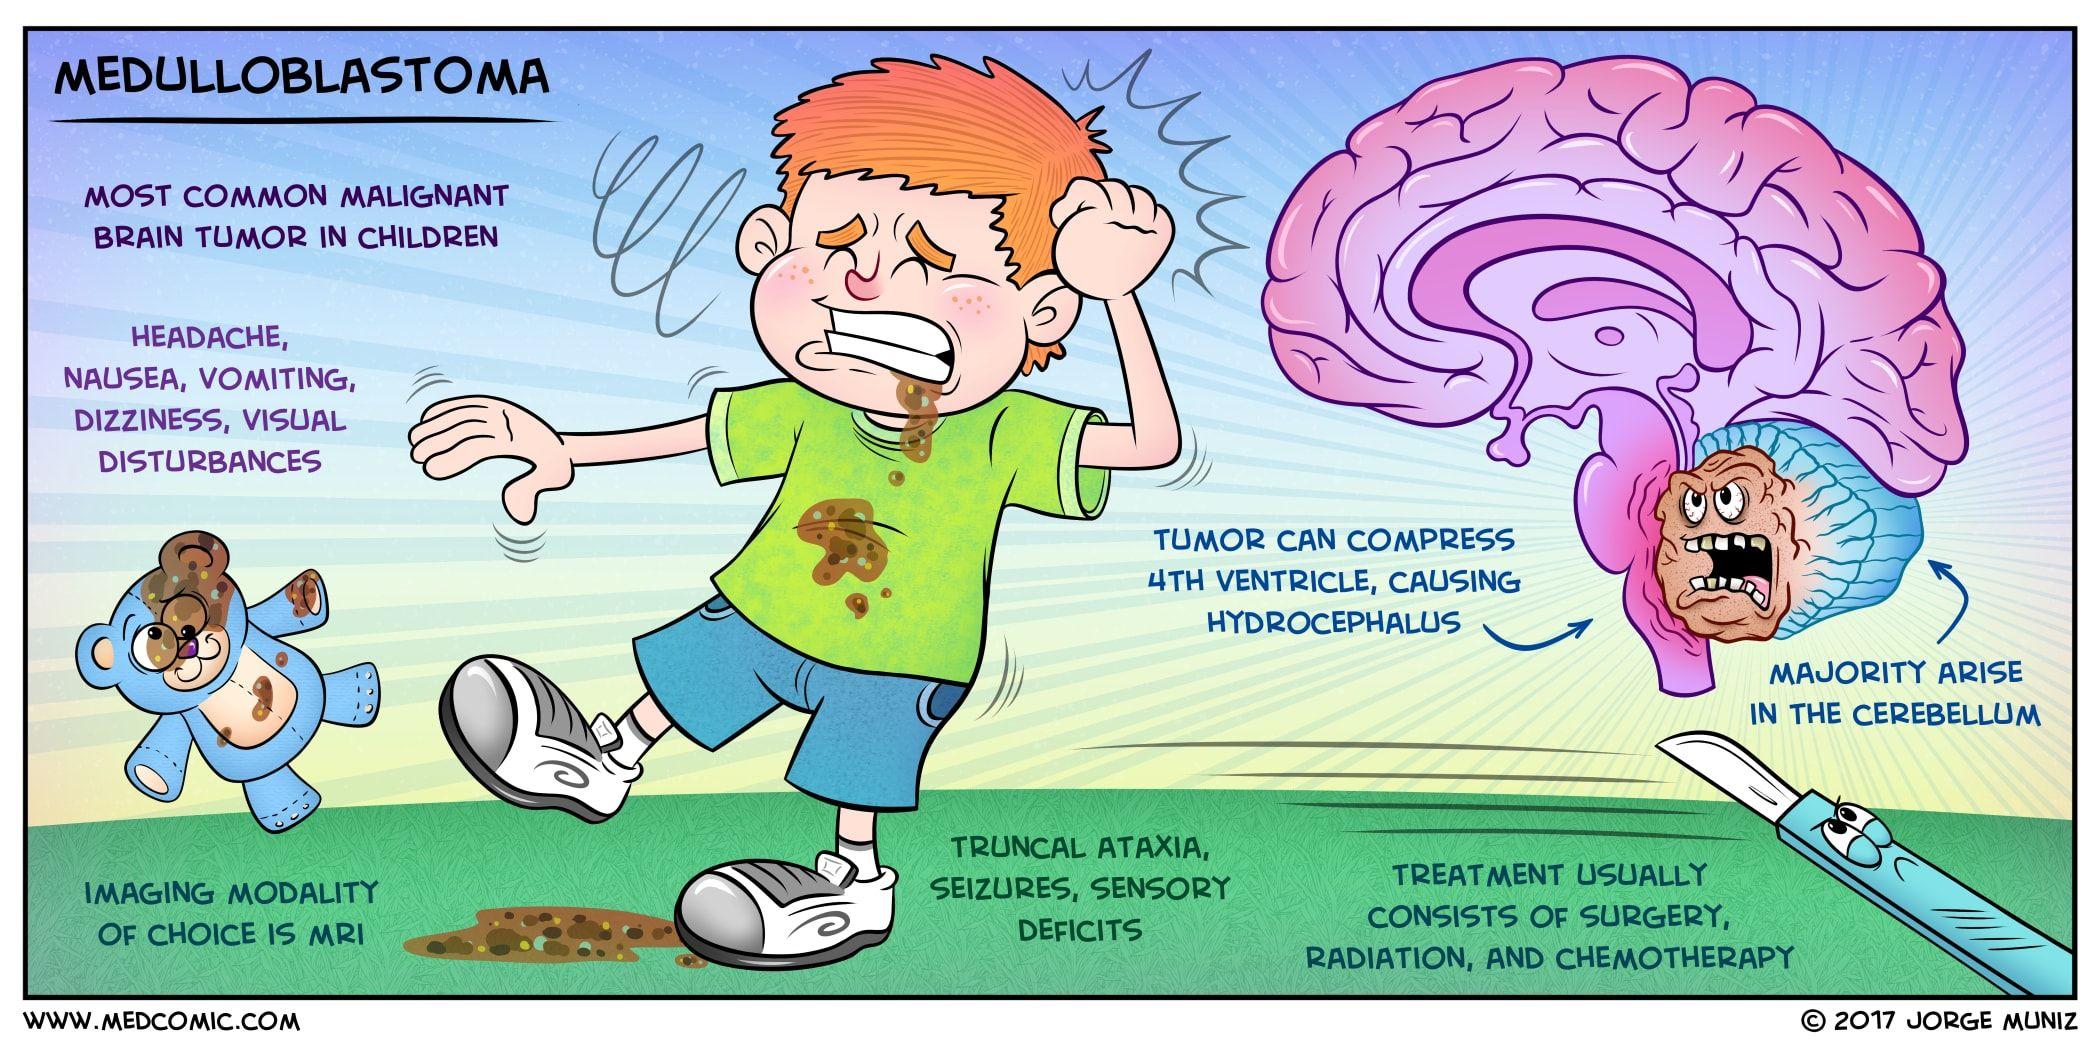 Medulloblastoma Medulloblastoma Is The Most Common Type Of